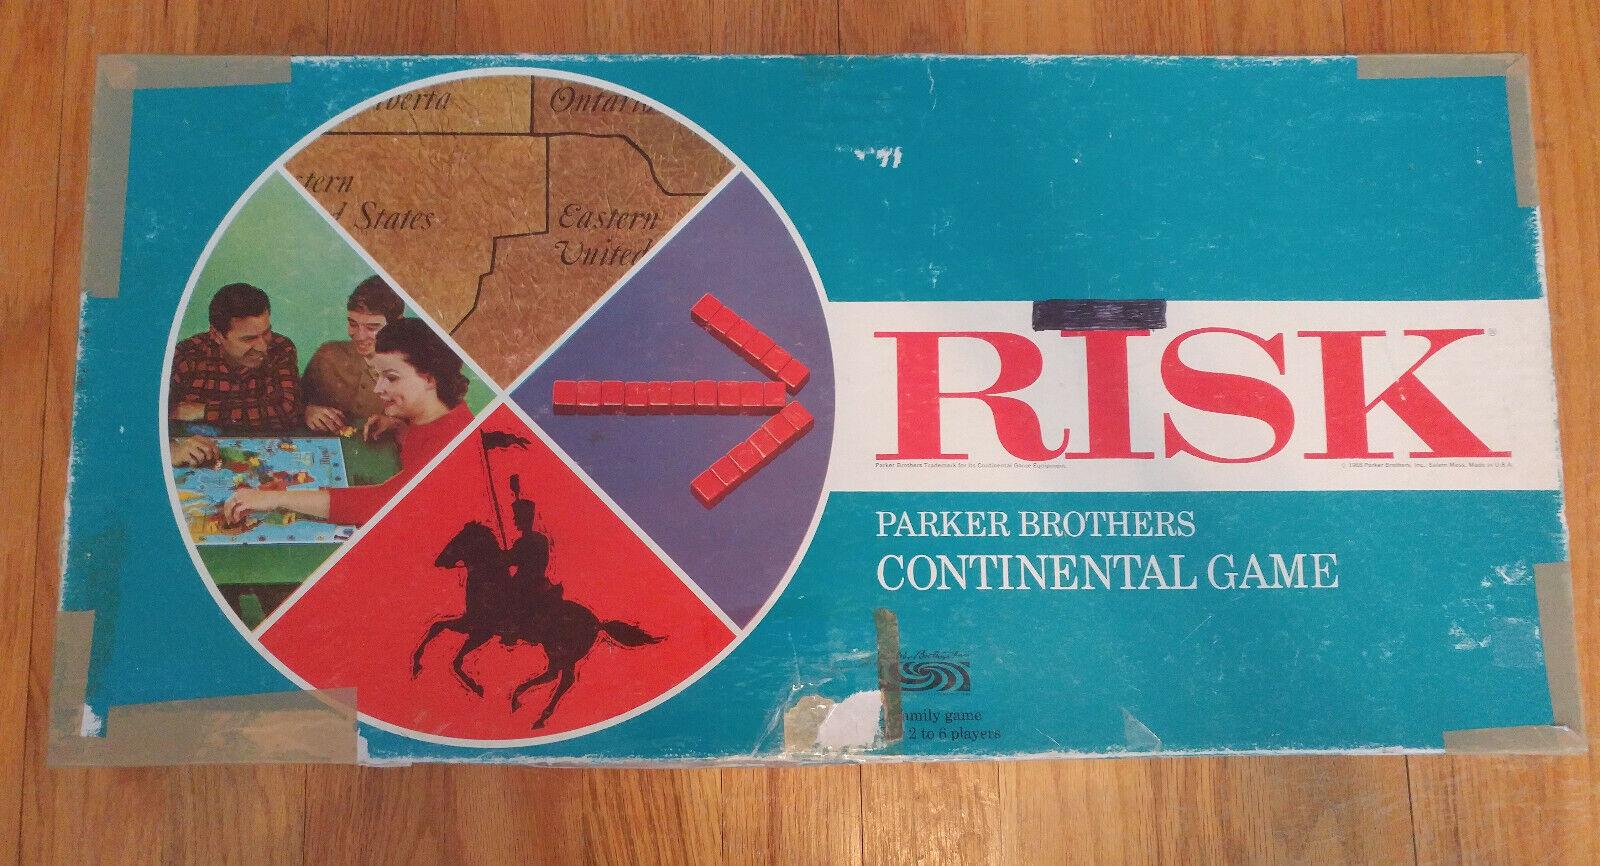 Vintage 1963 Risk Board Game, Complete